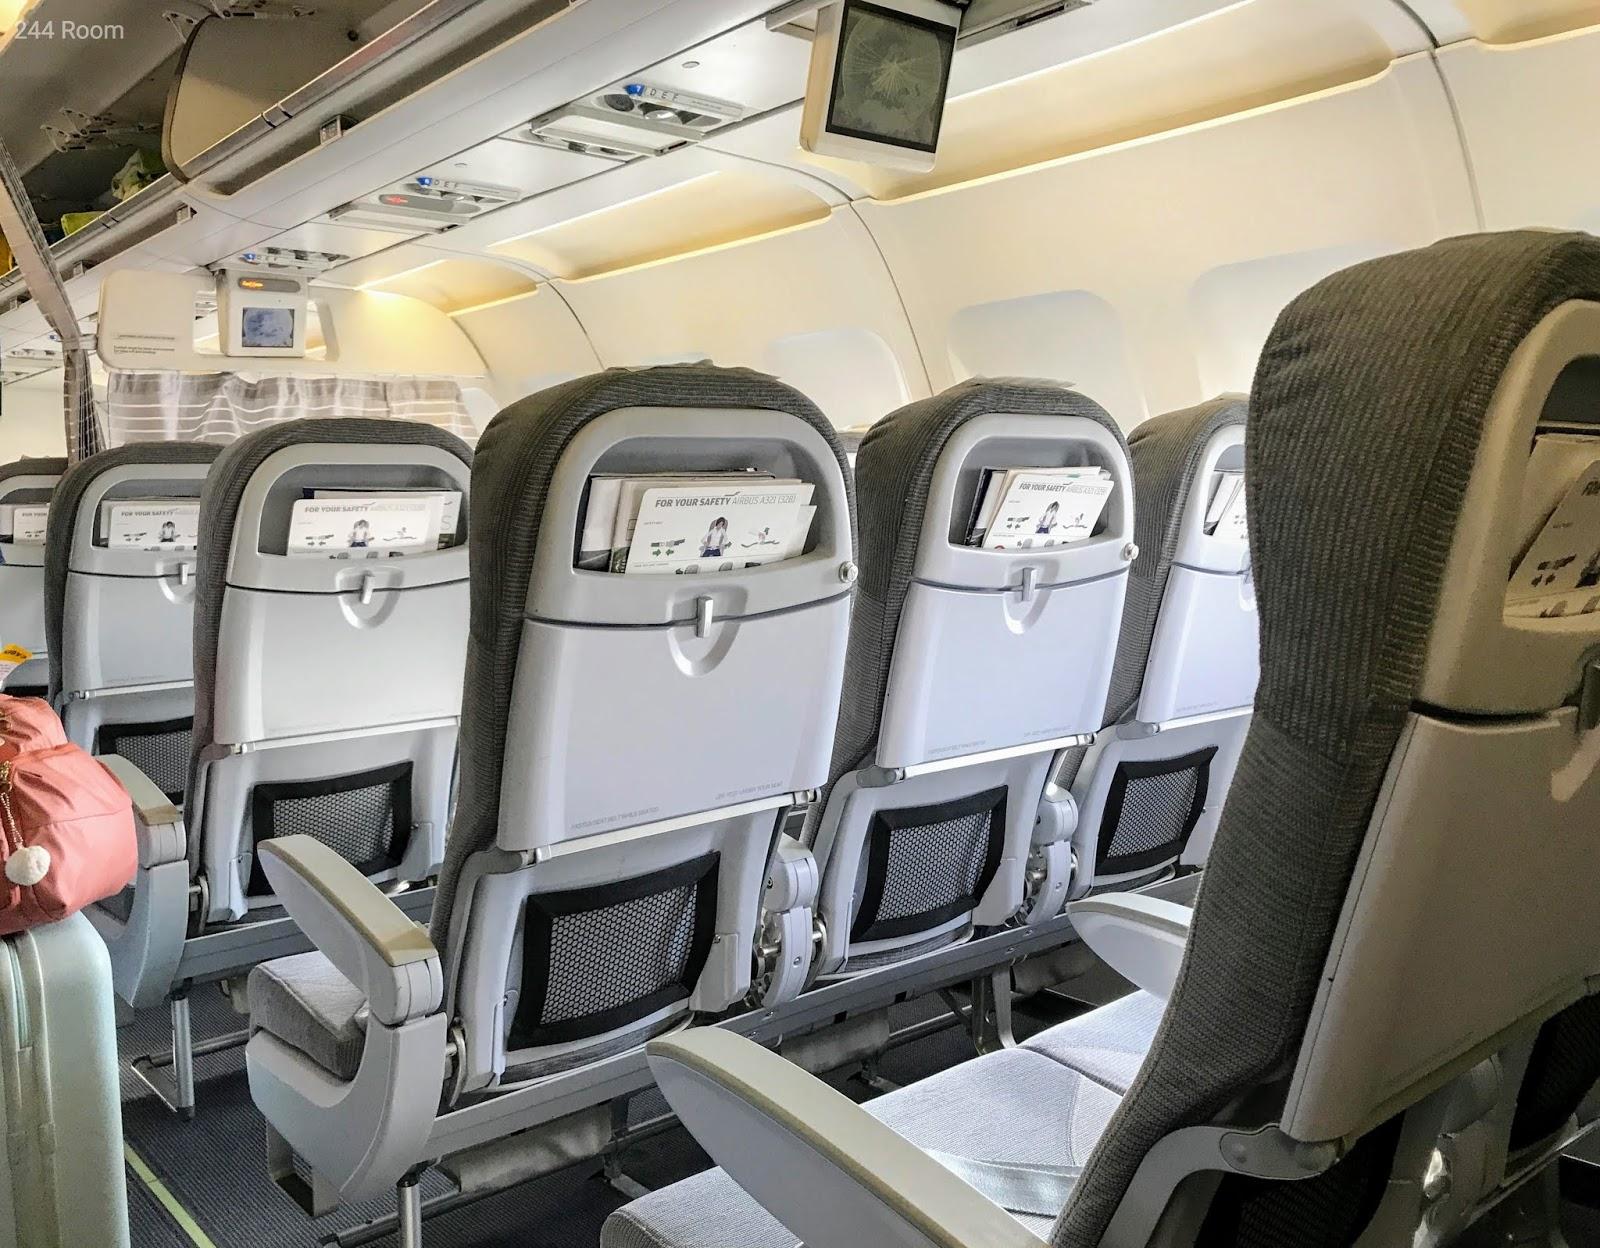 Finair A321 Seat